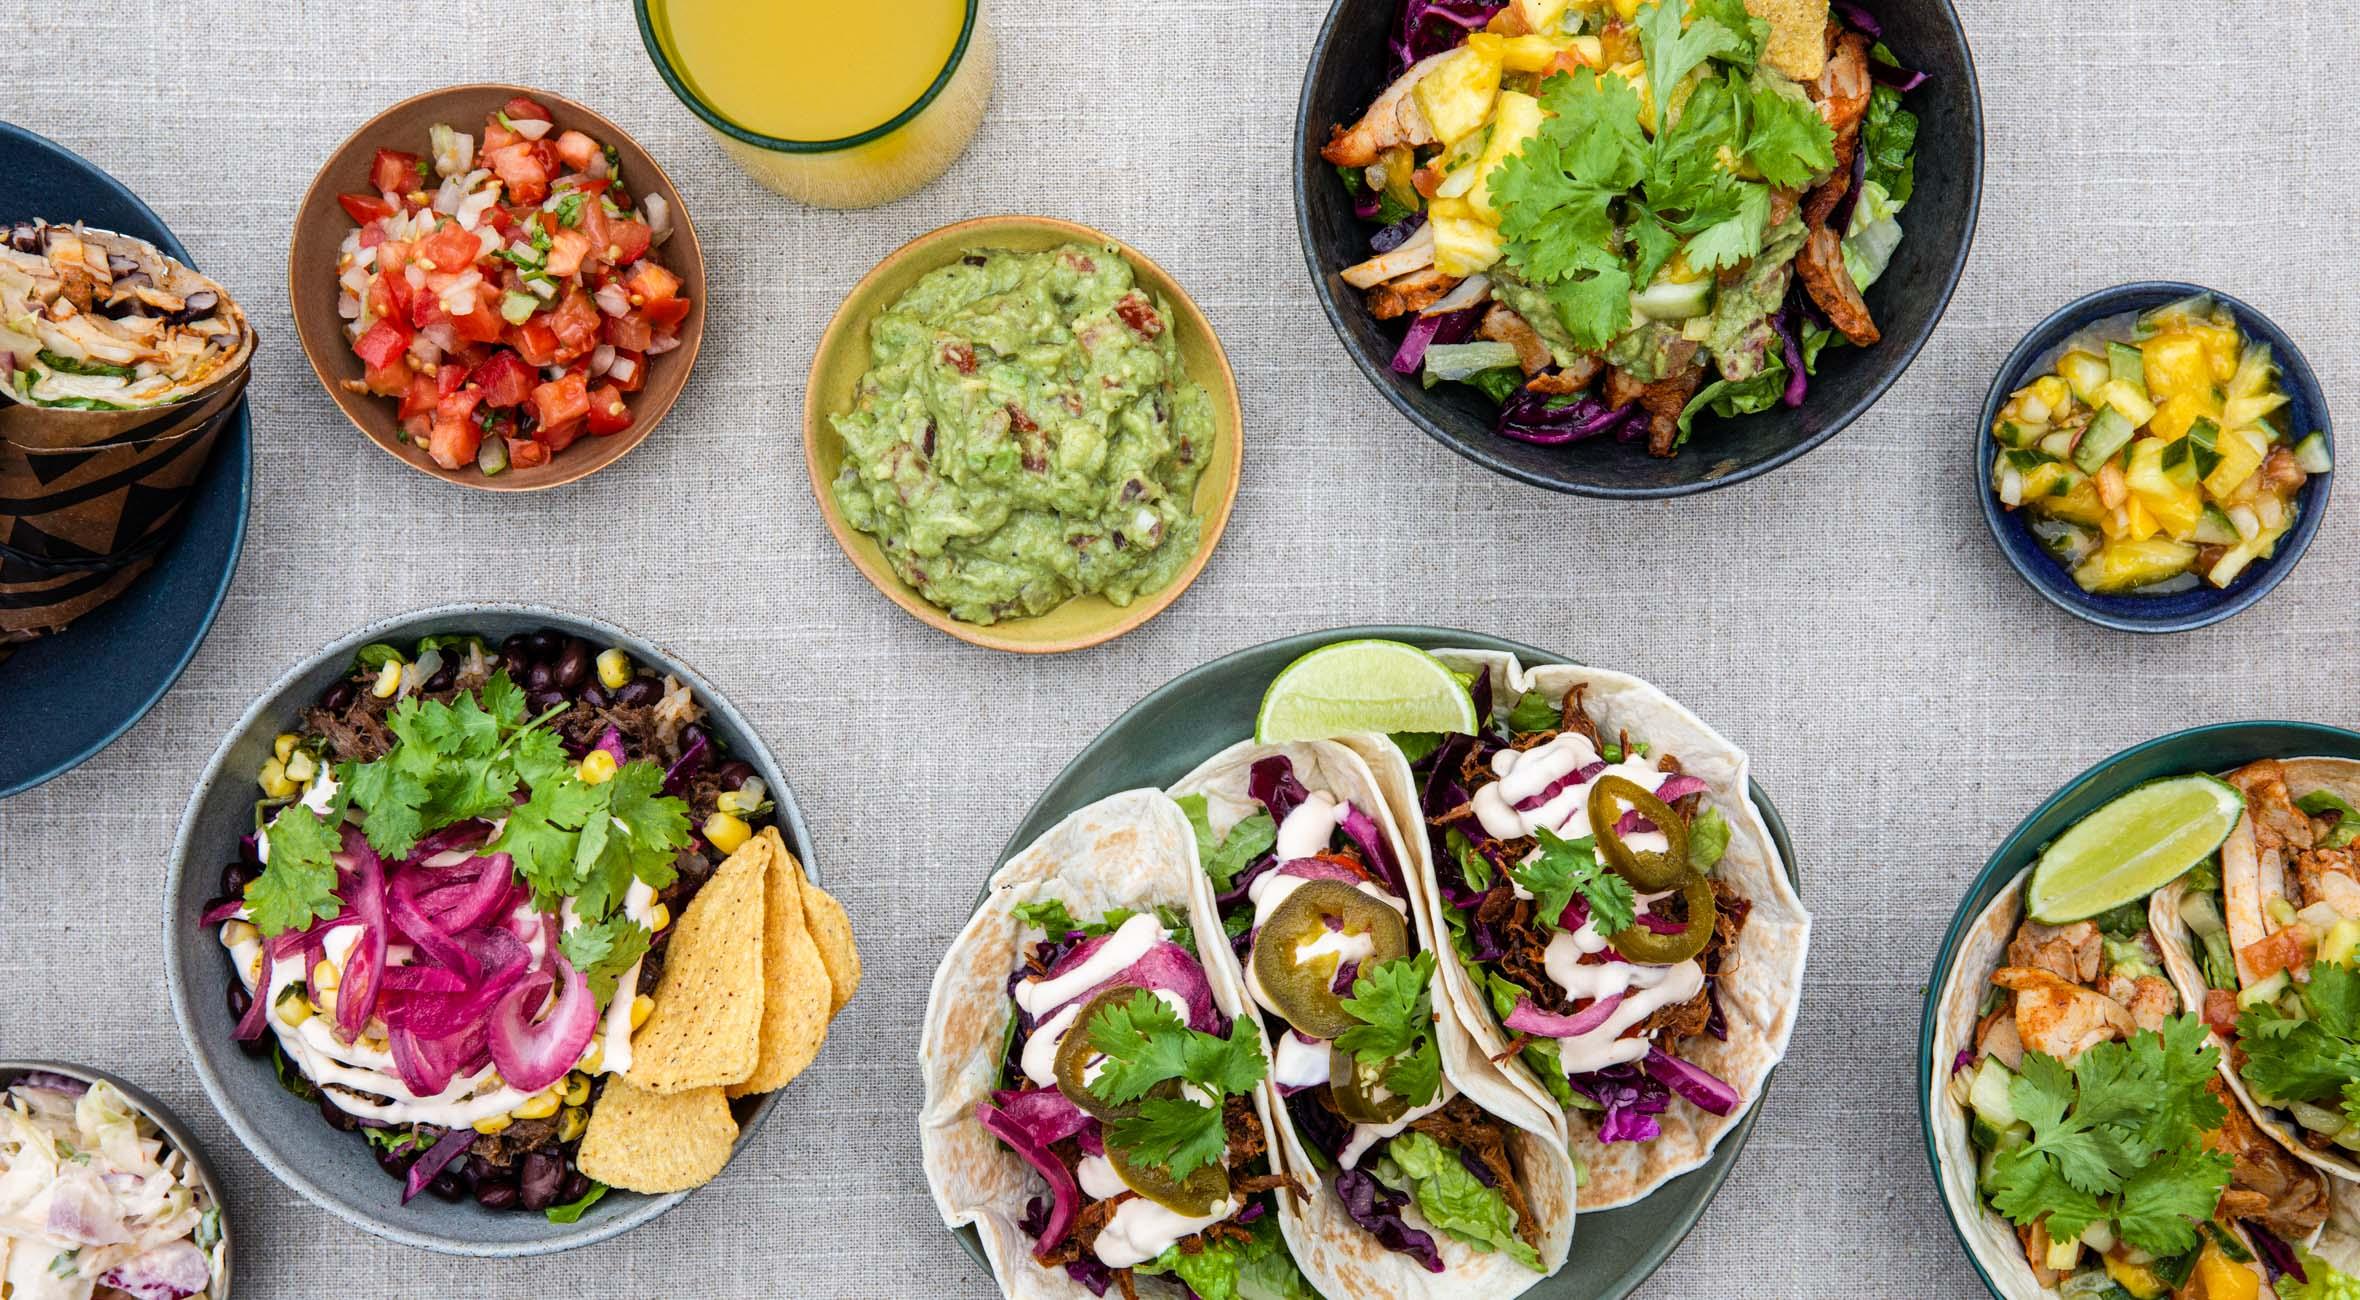 Mexican feast for 2 personer hos Zócalo på Nørrebro – Invitér venner og veninder på alt fra tacos til burritos, mexi-bowls & nachos